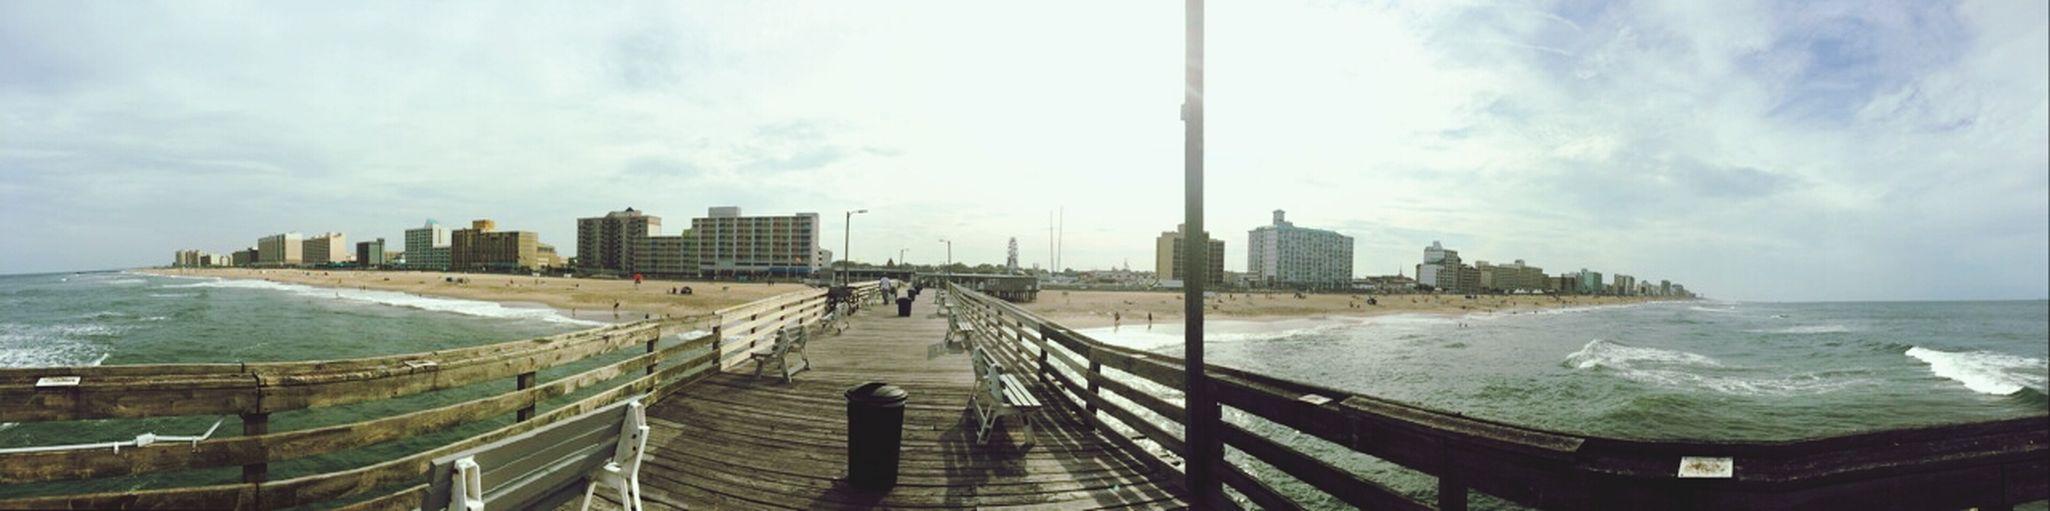 I miss Virginia Beach! I miss the sun and the real beach.